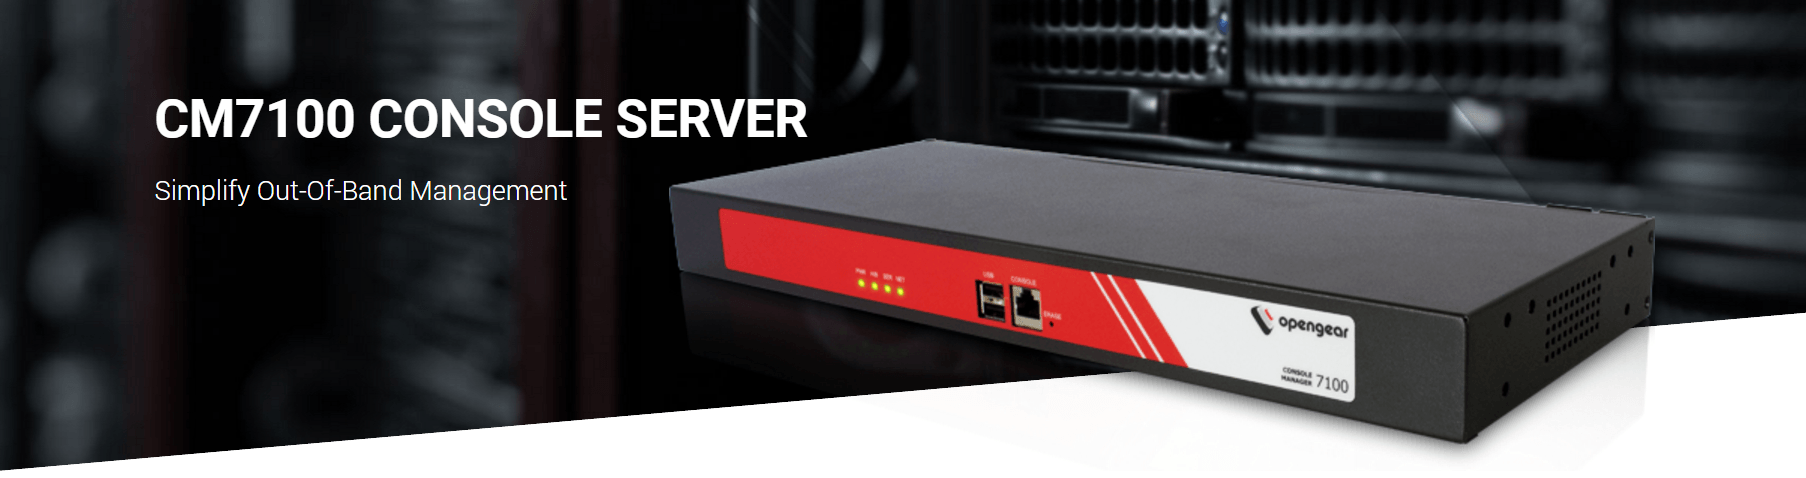 opengear-data-center-management-cm7100-console-server